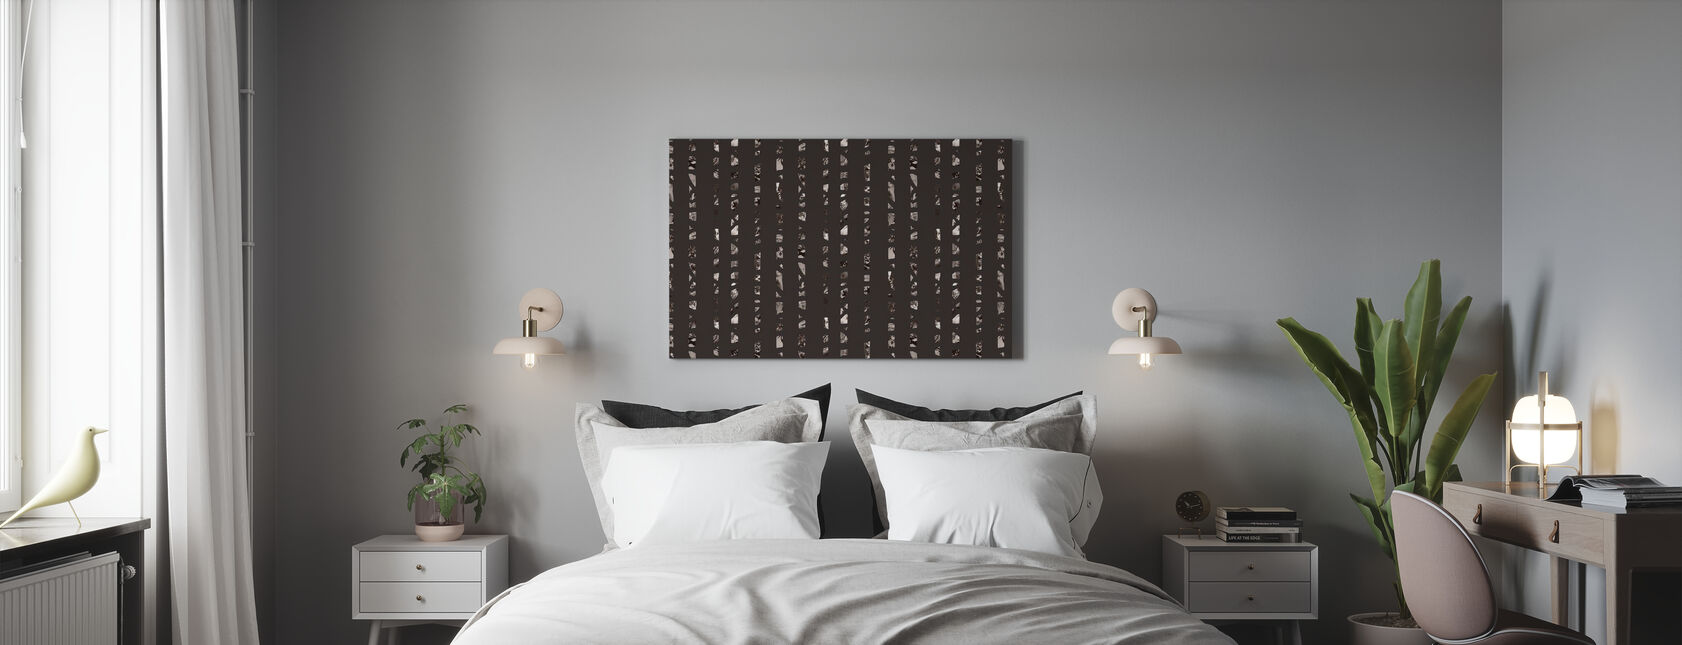 Studio Rita   Julia Heurling - Dietro gli alberi - Scuro - Stampa su tela - Camera da letto